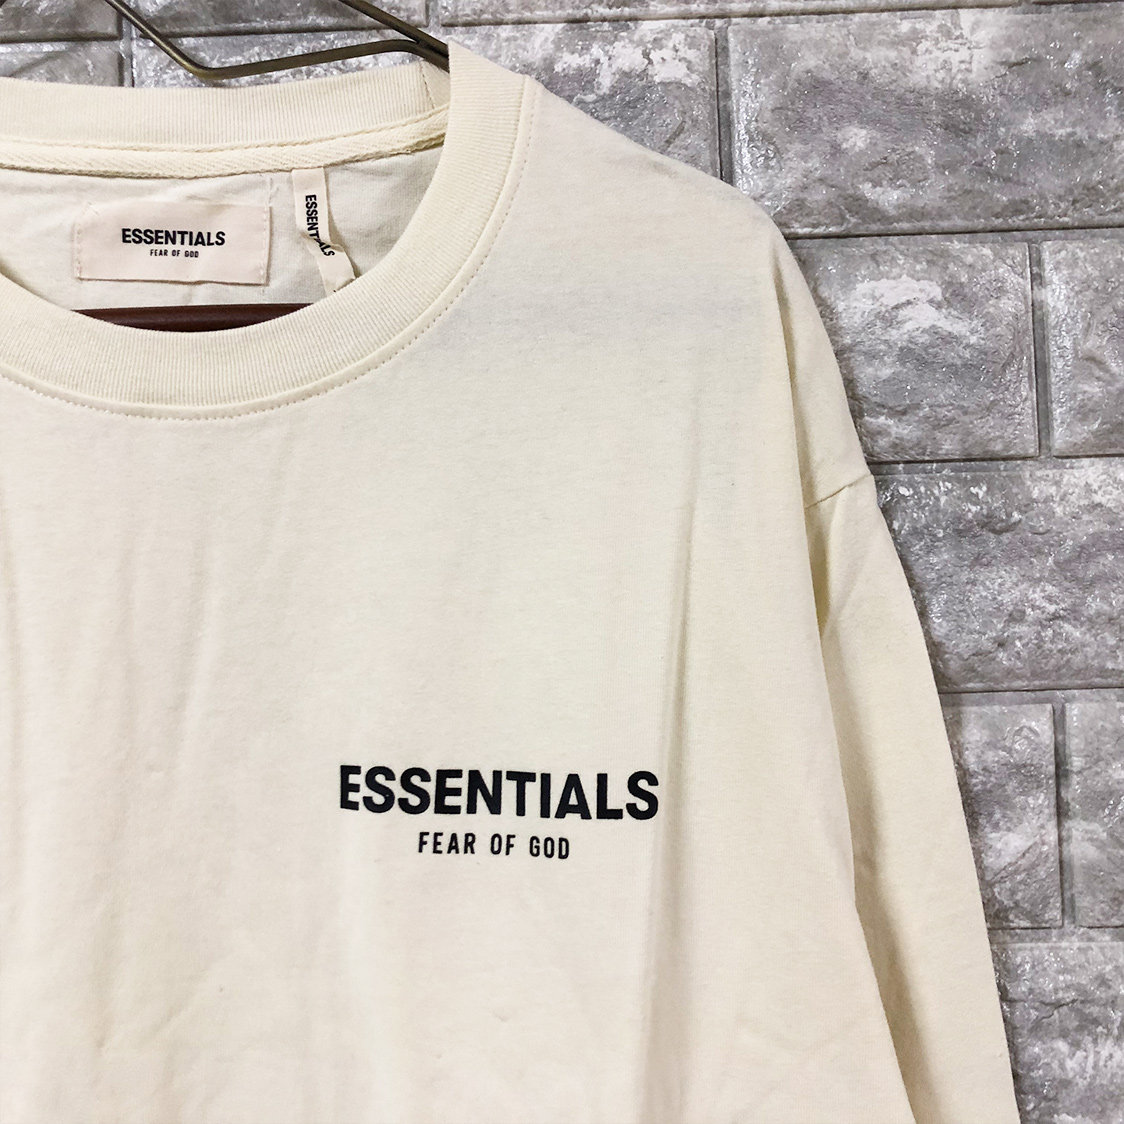 新品【Sサイズ】 FOG Fear Of God Essentials フェアオブゴッド エッセンシャルズ BOXYTEE ロンT ロングTシャツ カットソー エッセンシャル 白